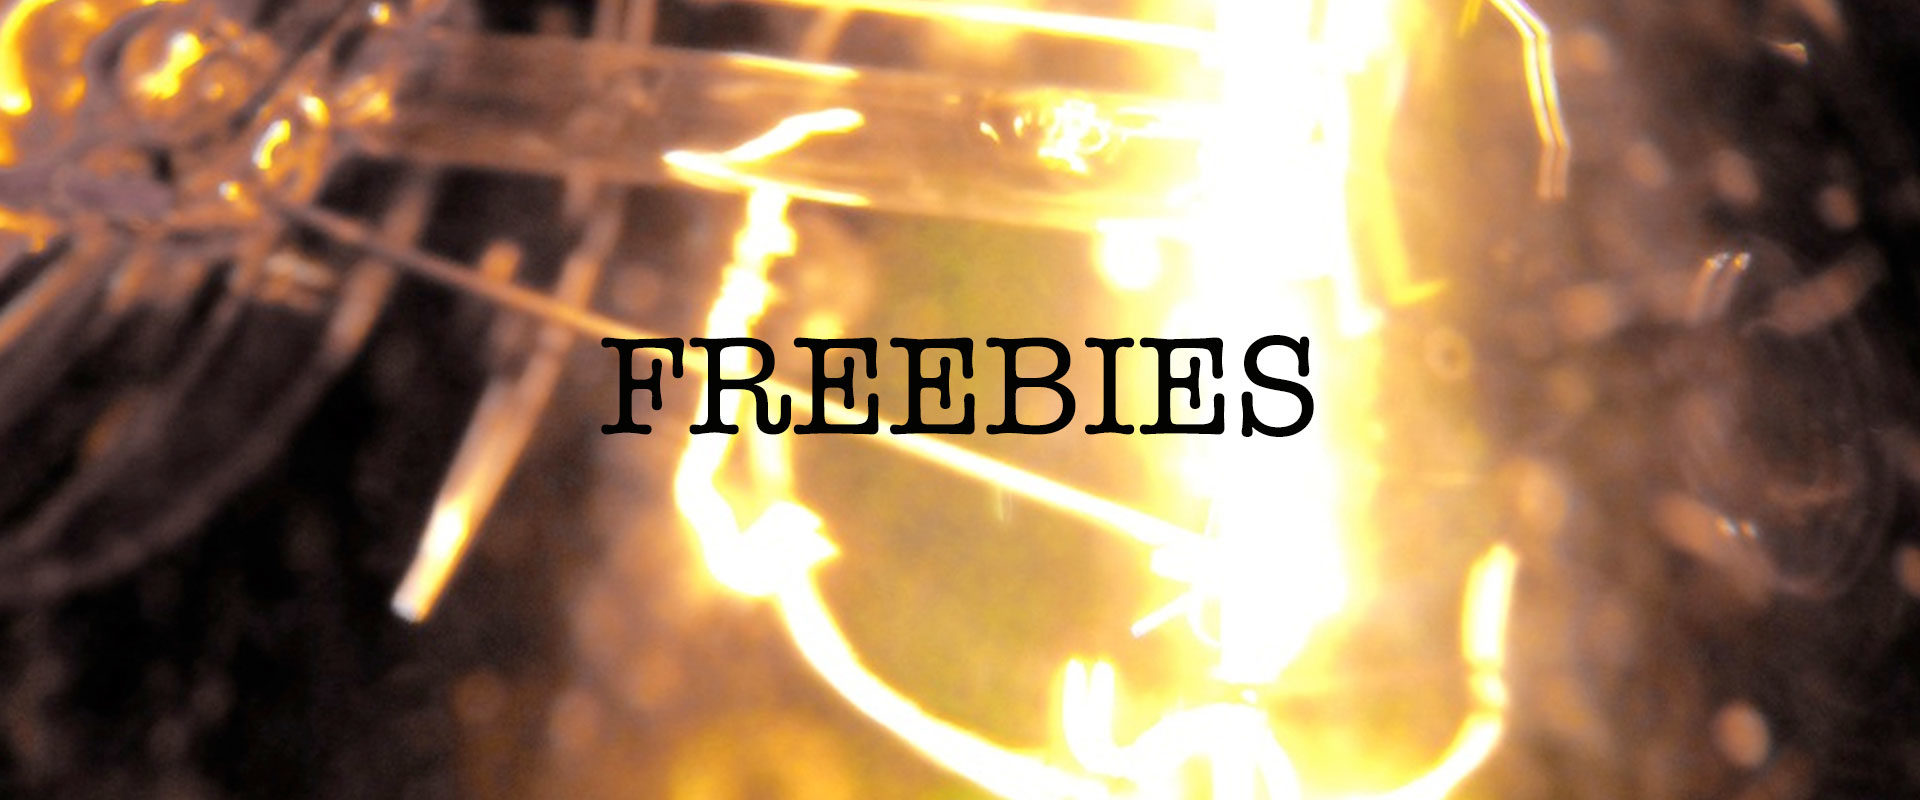 FREEBIES-Videos